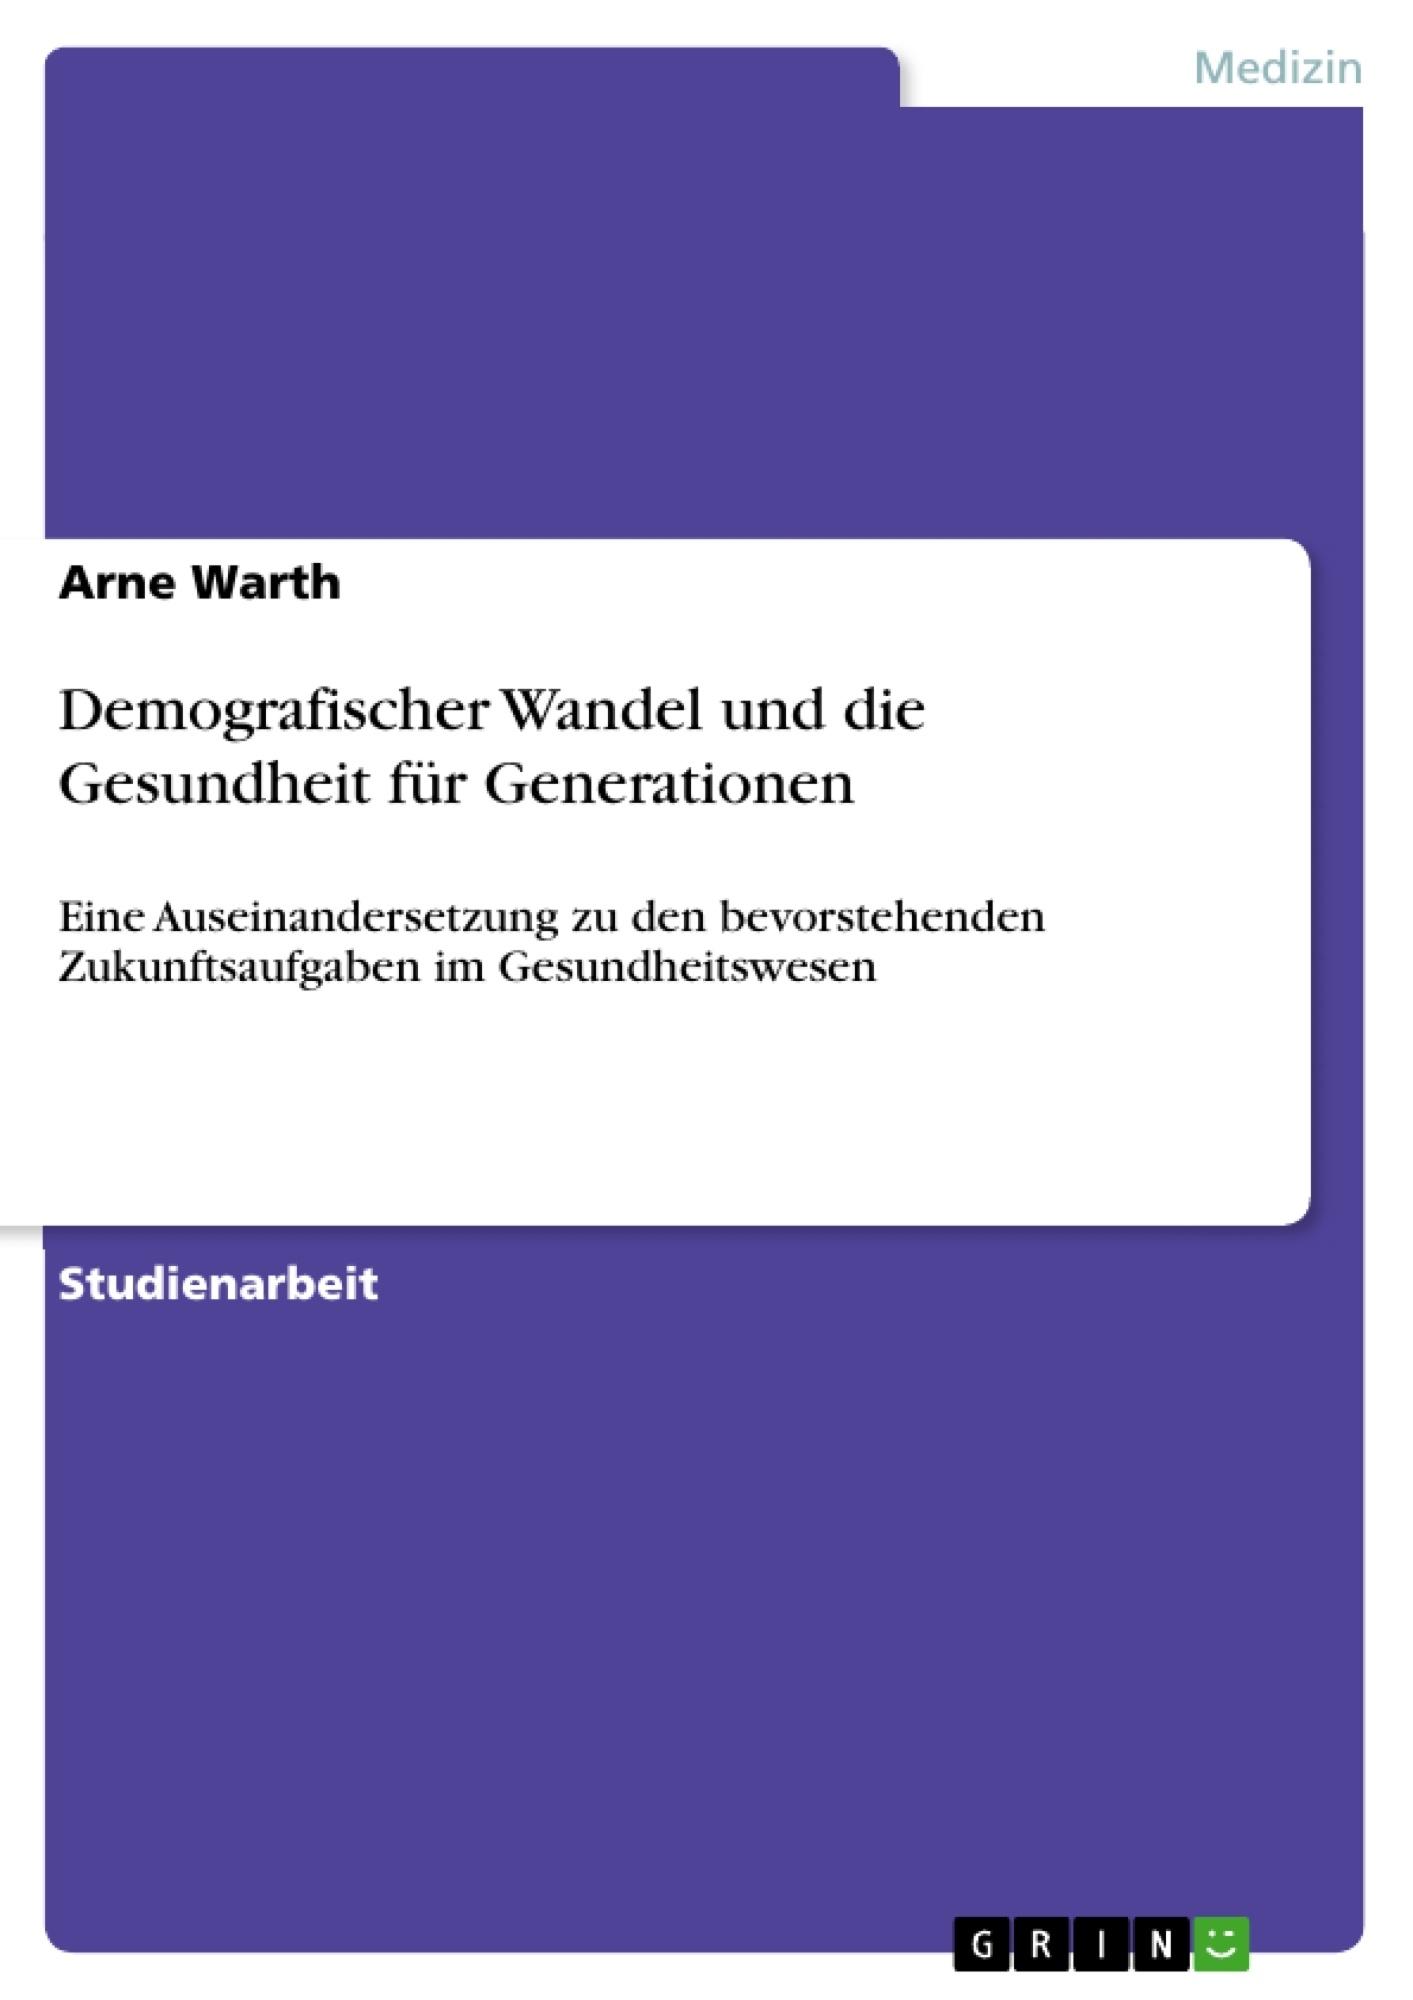 Titel: Demografischer Wandel und die Gesundheit für Generationen